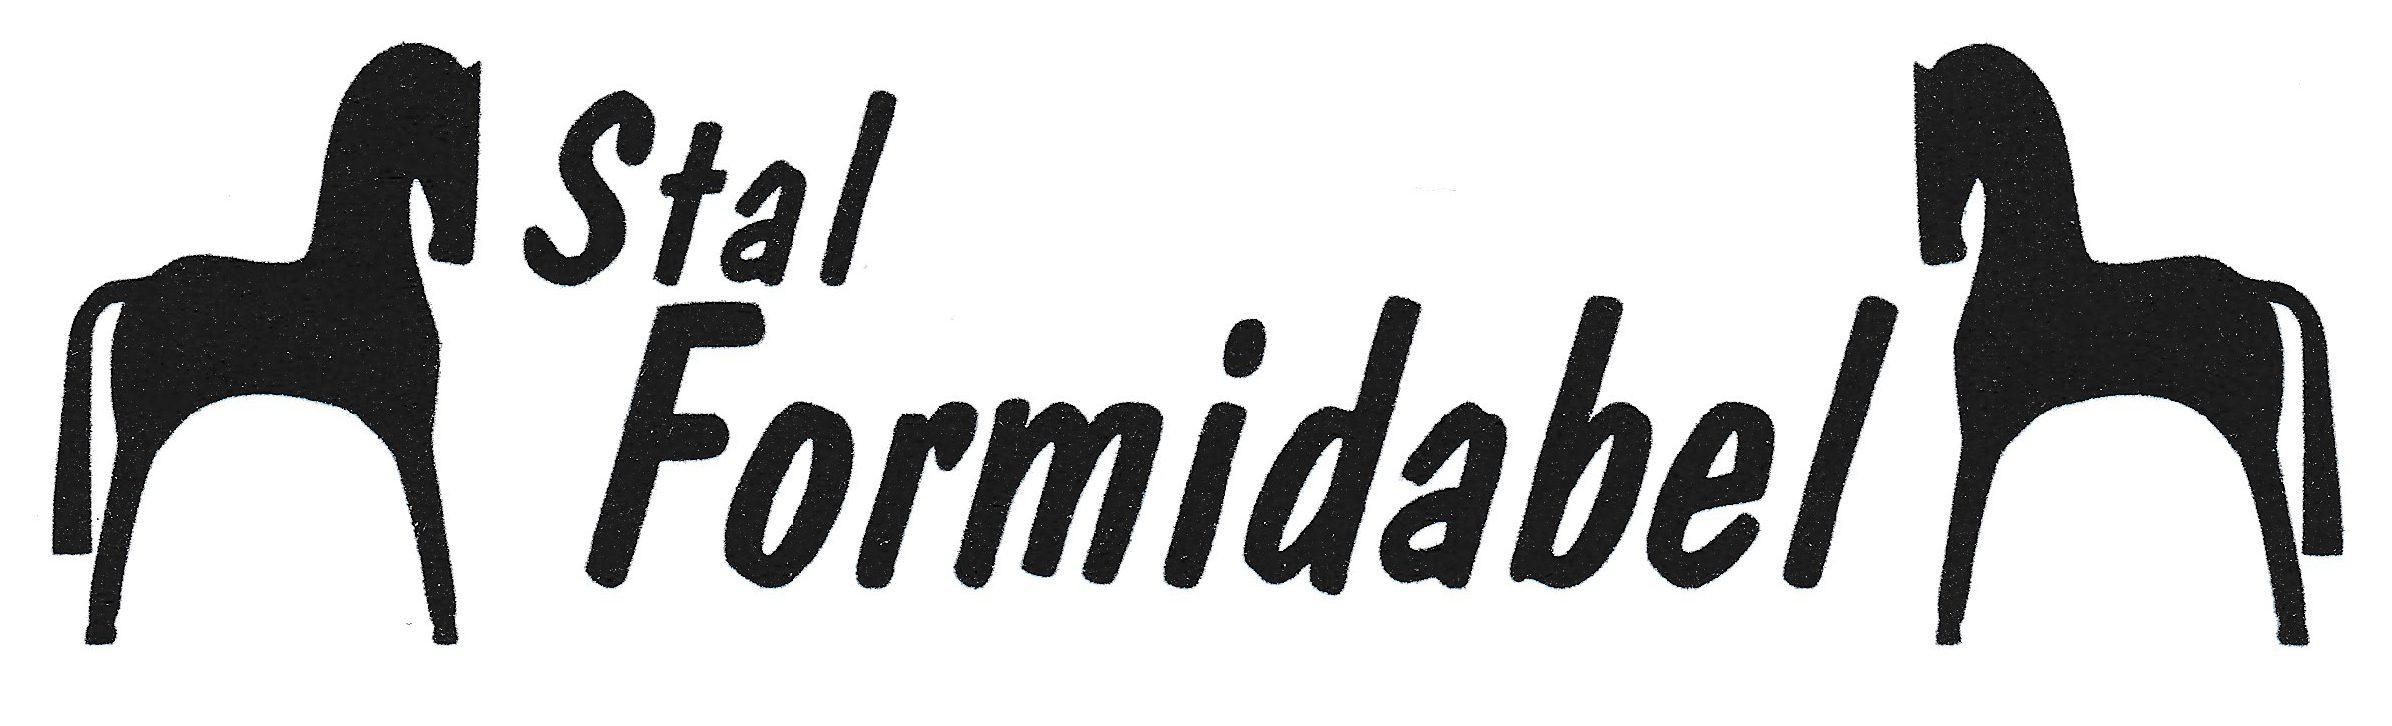 Stal Formidabel